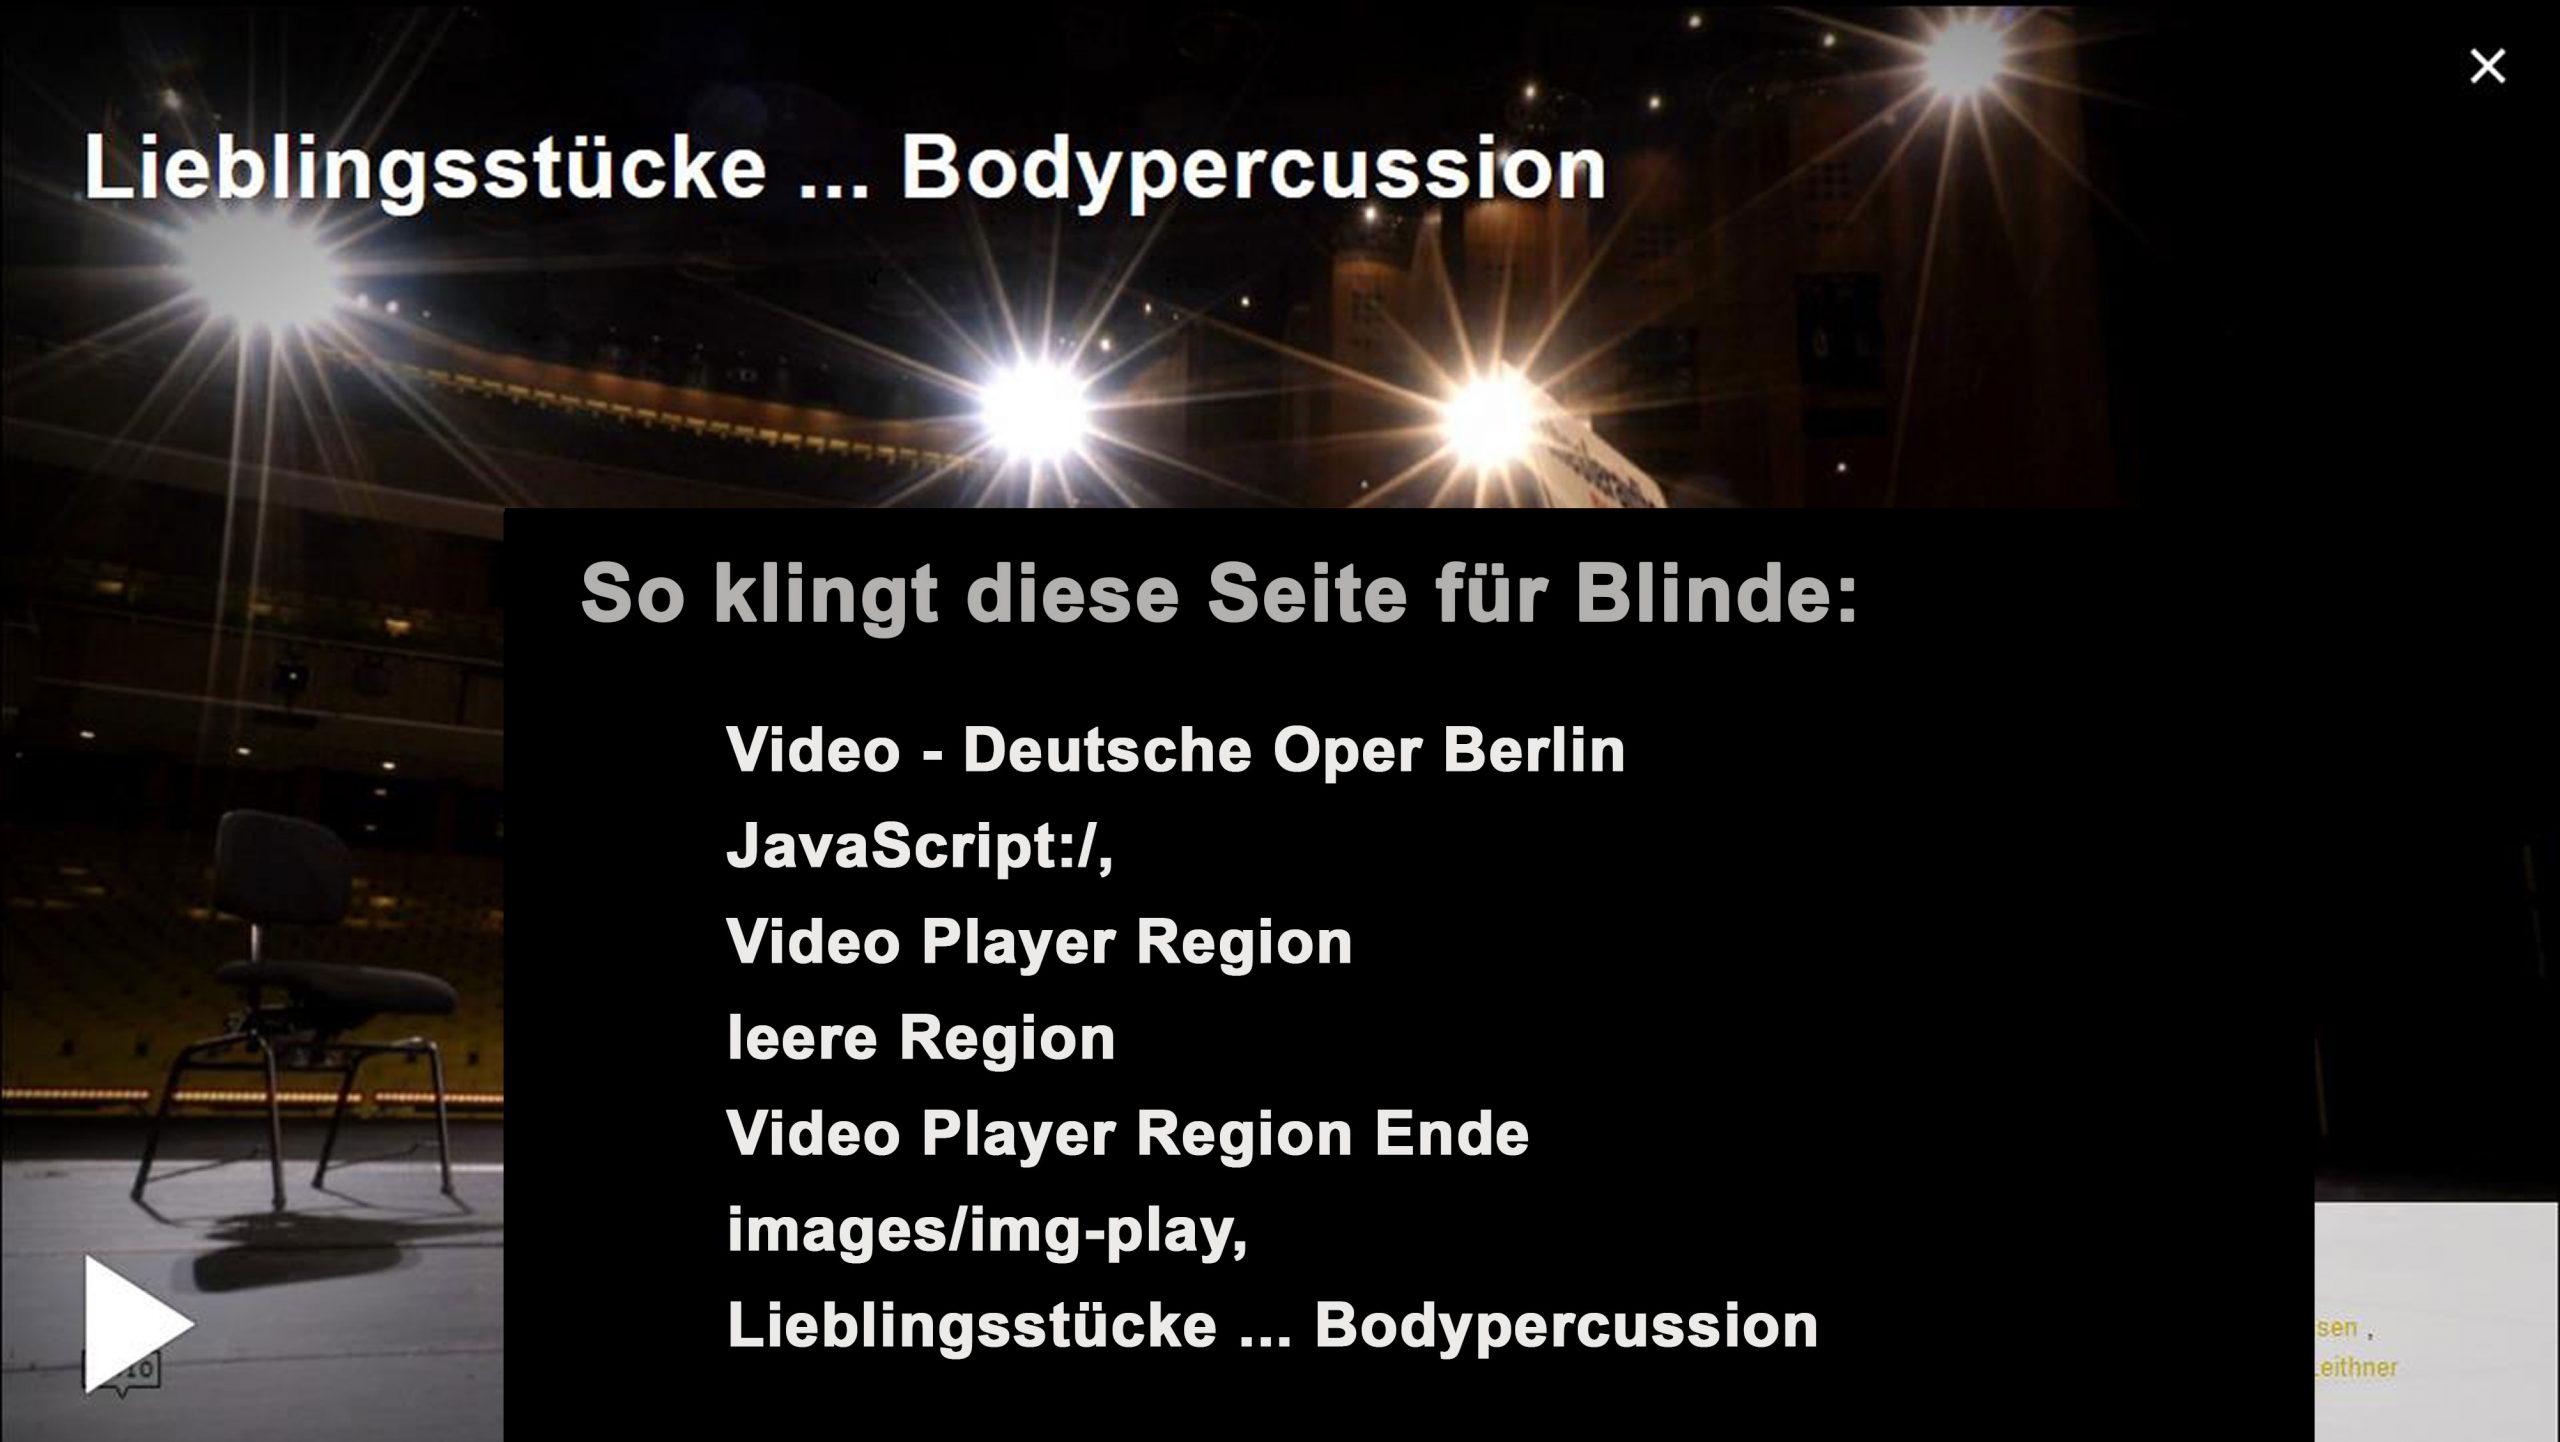 Collage mit Screenshot: So klingt die Seite für Blinde. Das Video der Deutschen Oper hat die Überschrift: Lieblingsstücke… Bodypercussion. Zu sehen ist ein beleuchteter Zuschauerraum von der Bühne aus gesehen. Auf der Bühne stehen ein Stuhl und ein weißes Schild, das jedoch fast nicht wahrgenommen wird, weil im Vordergrund ein schwarzes Rechteck die Sicht versperrt. Der Text: So klingt diese Seite für Blinde: Video - Deutsche Oper Berlin JavaScript:/, Video Player Region leere Region Video Player Region Ende images/img-play, Lieblingsstücke ... Bodypercussion.